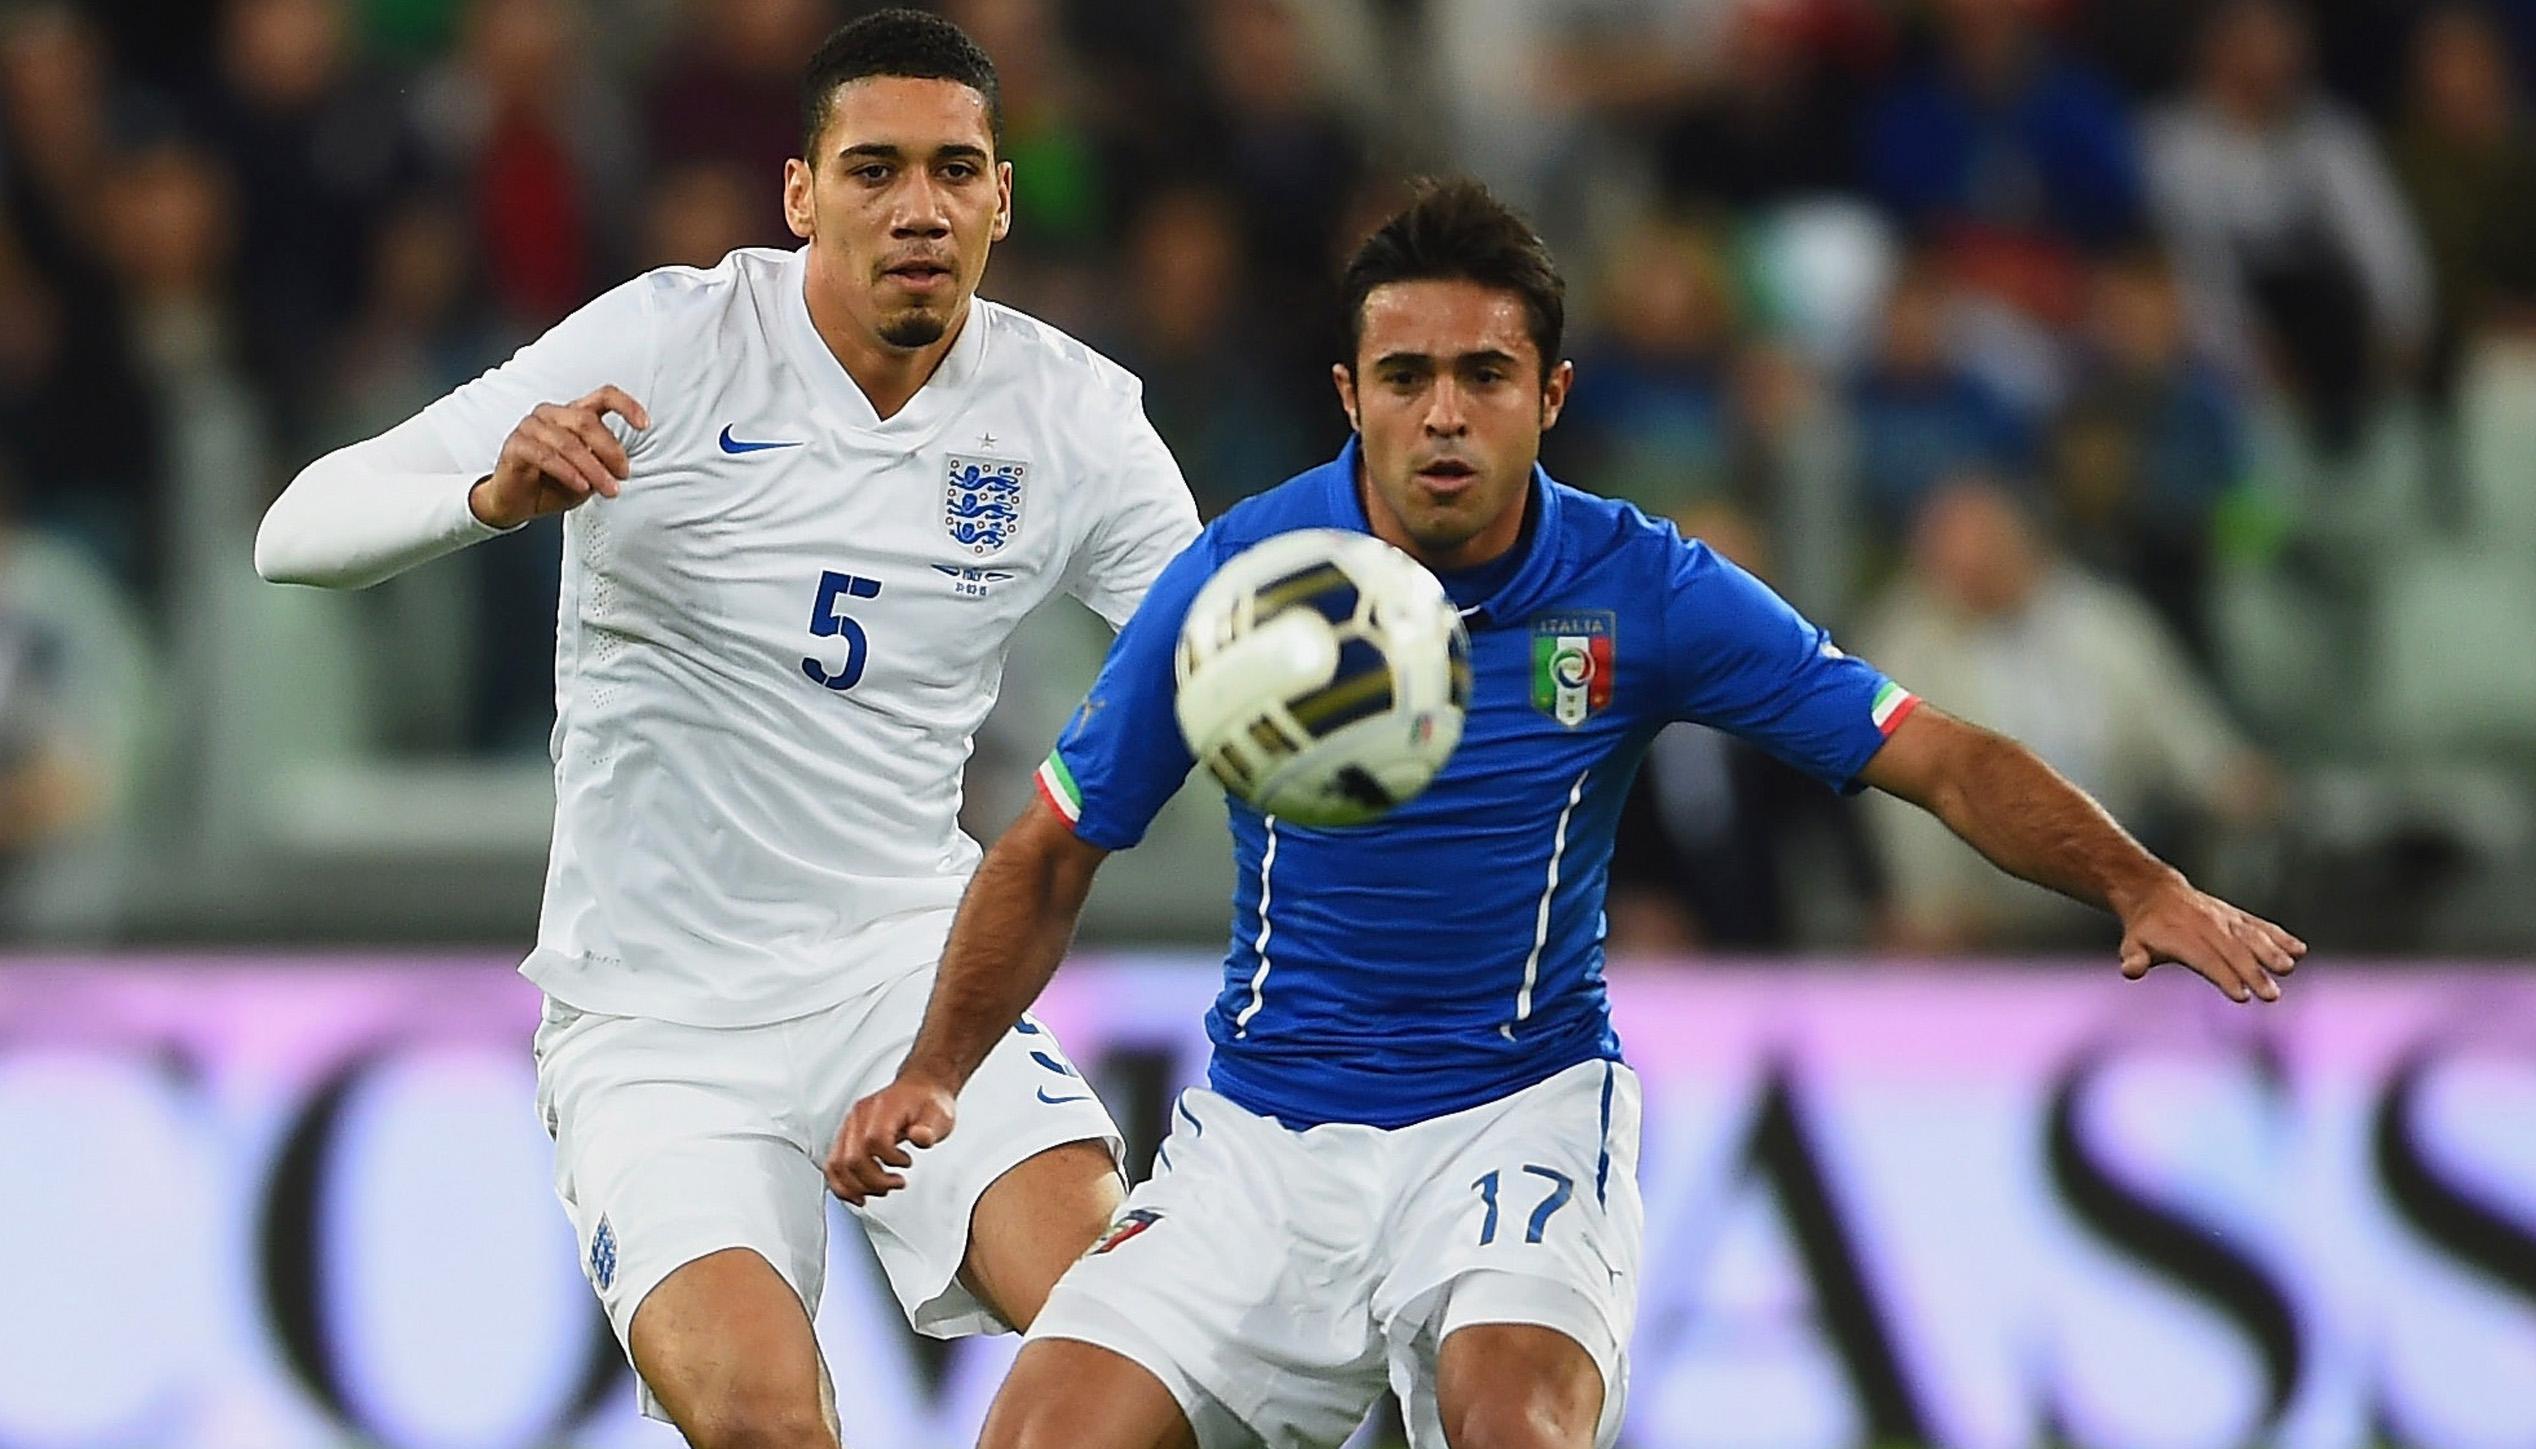 England – Italien: Es ist kein Spektakel zu erwarten